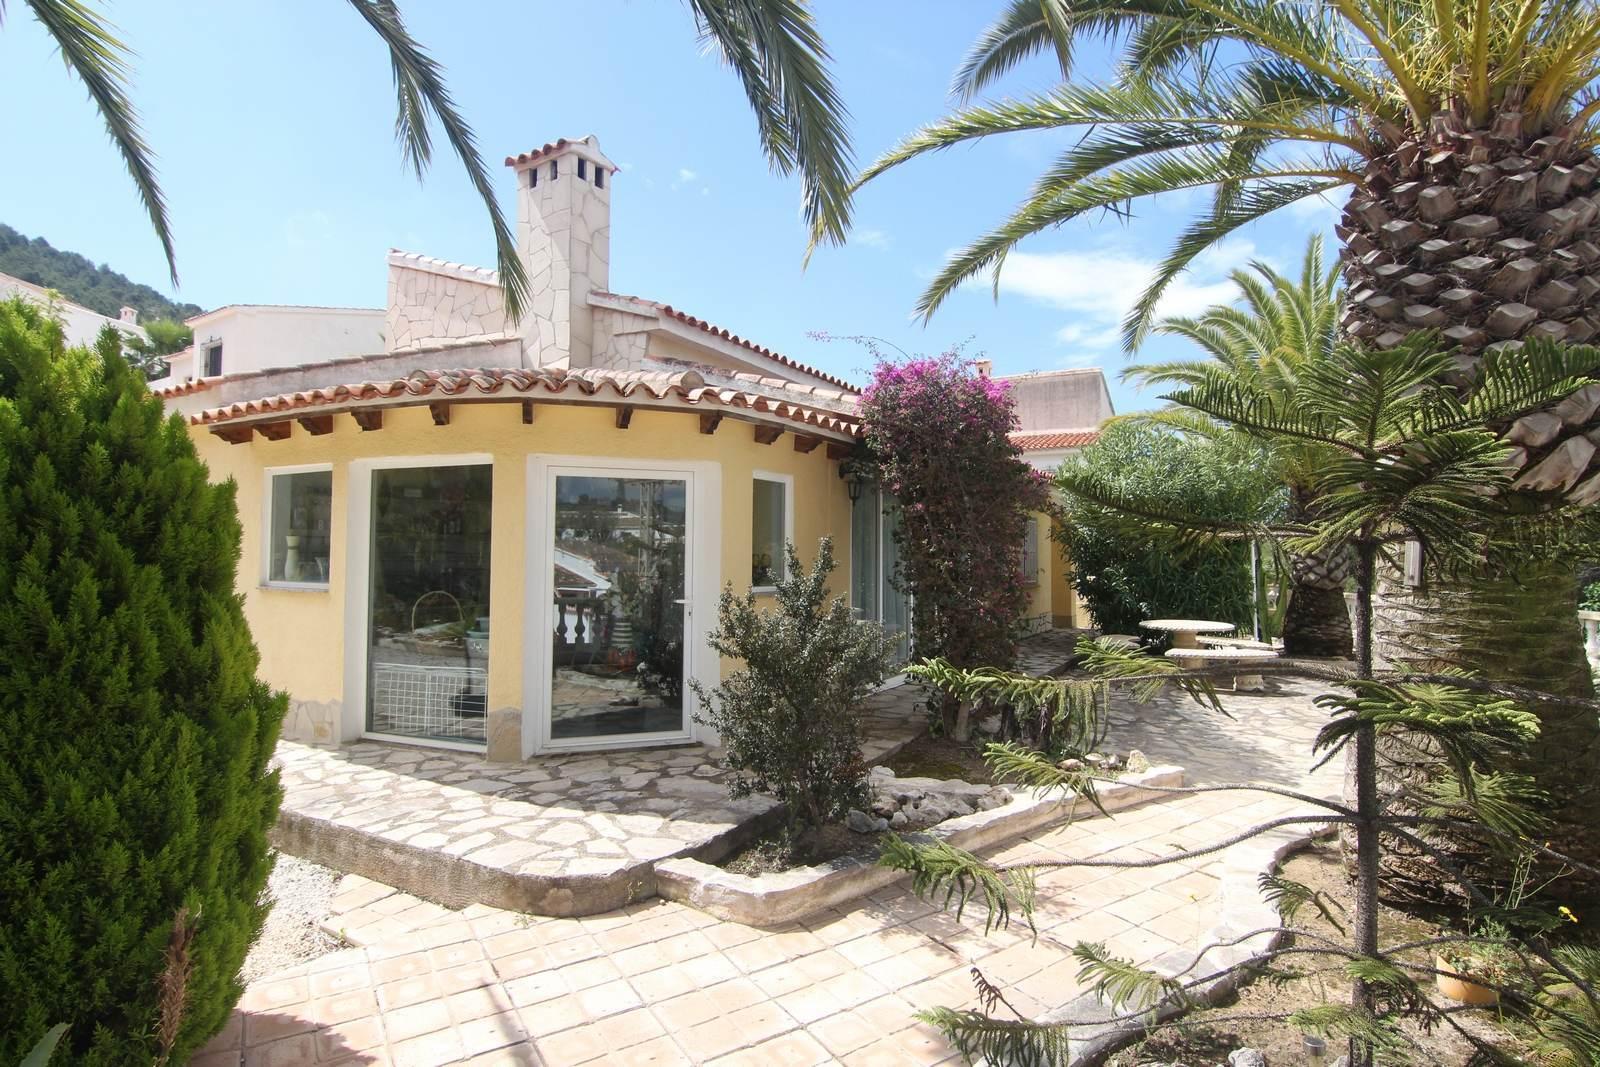 Villa auf flachem Grundstück mit Gemeinschaftspool zum Verkauf.